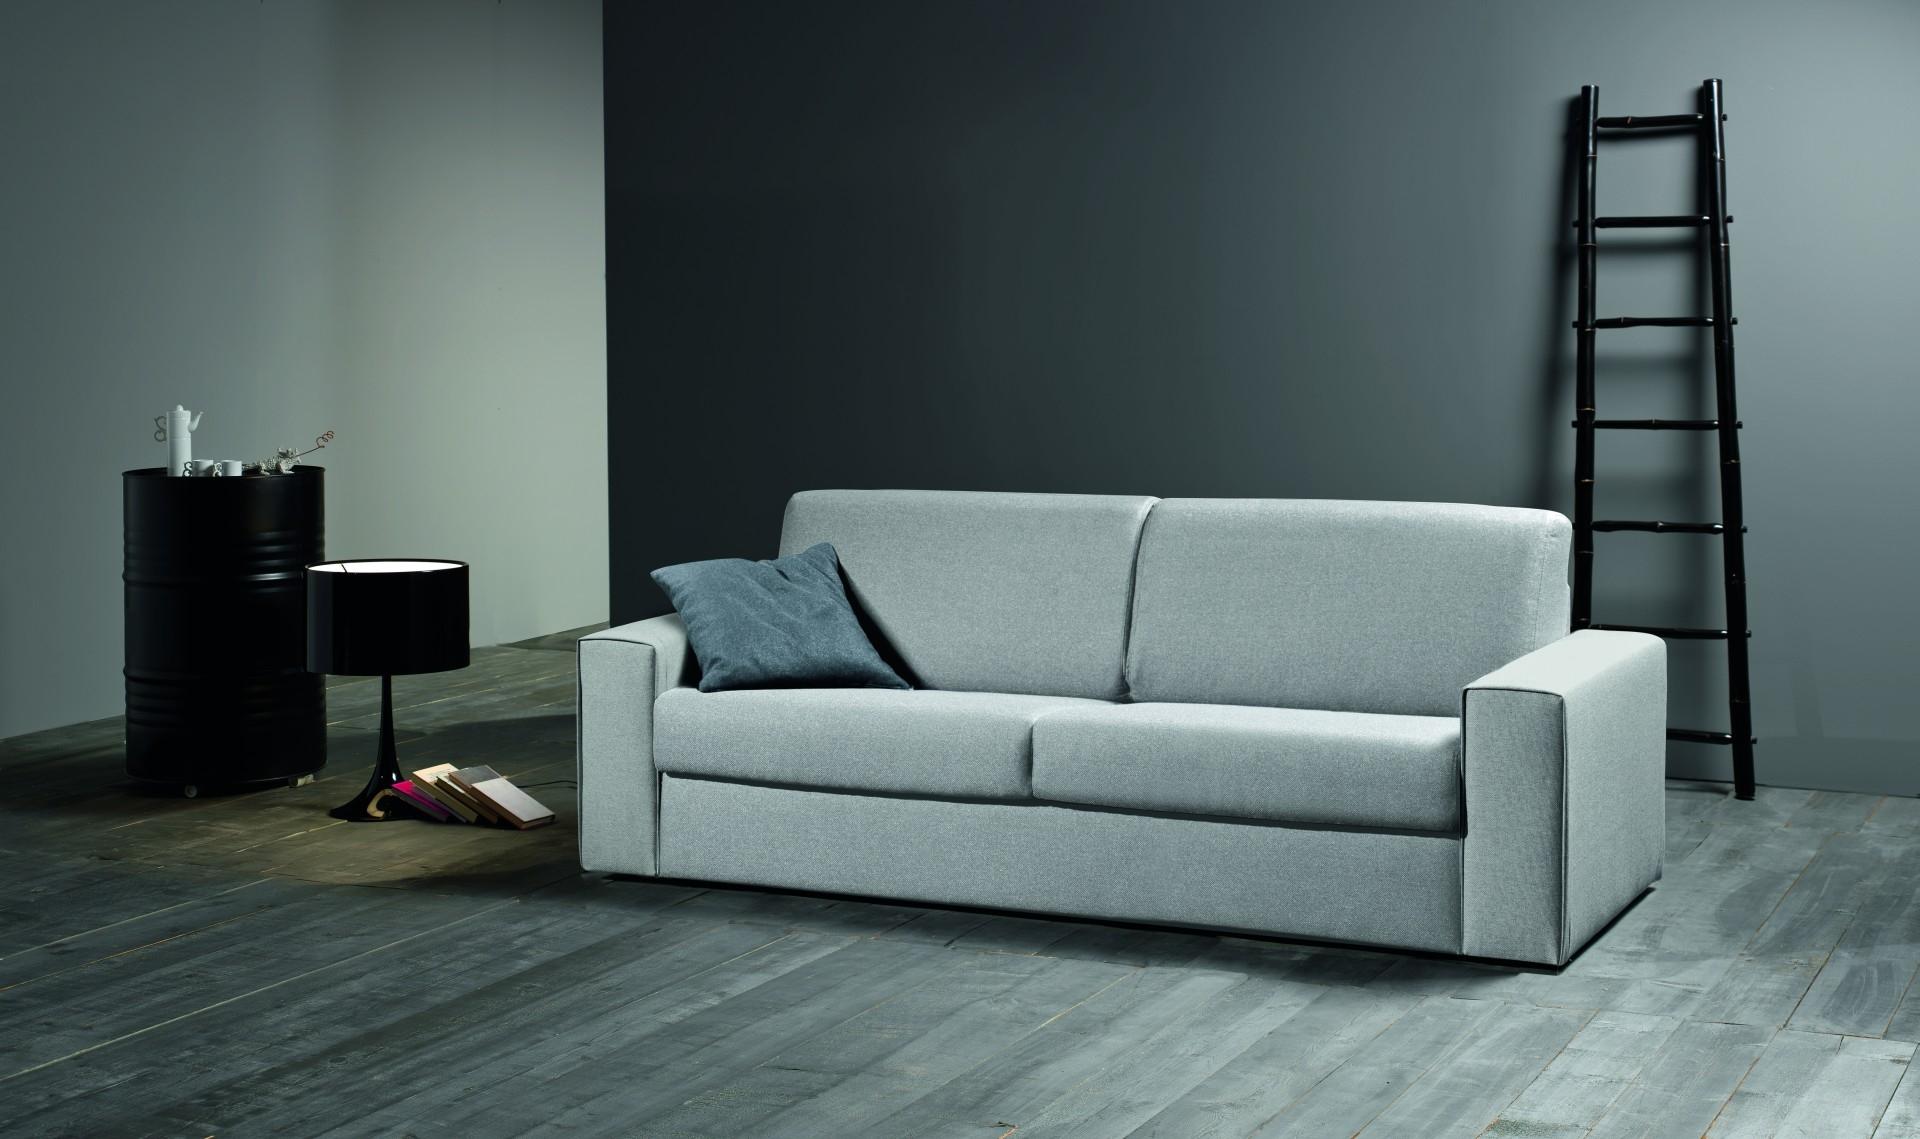 Divano exc coc divano letto divani a prezzi scontati - Divano letto 1 posto ...